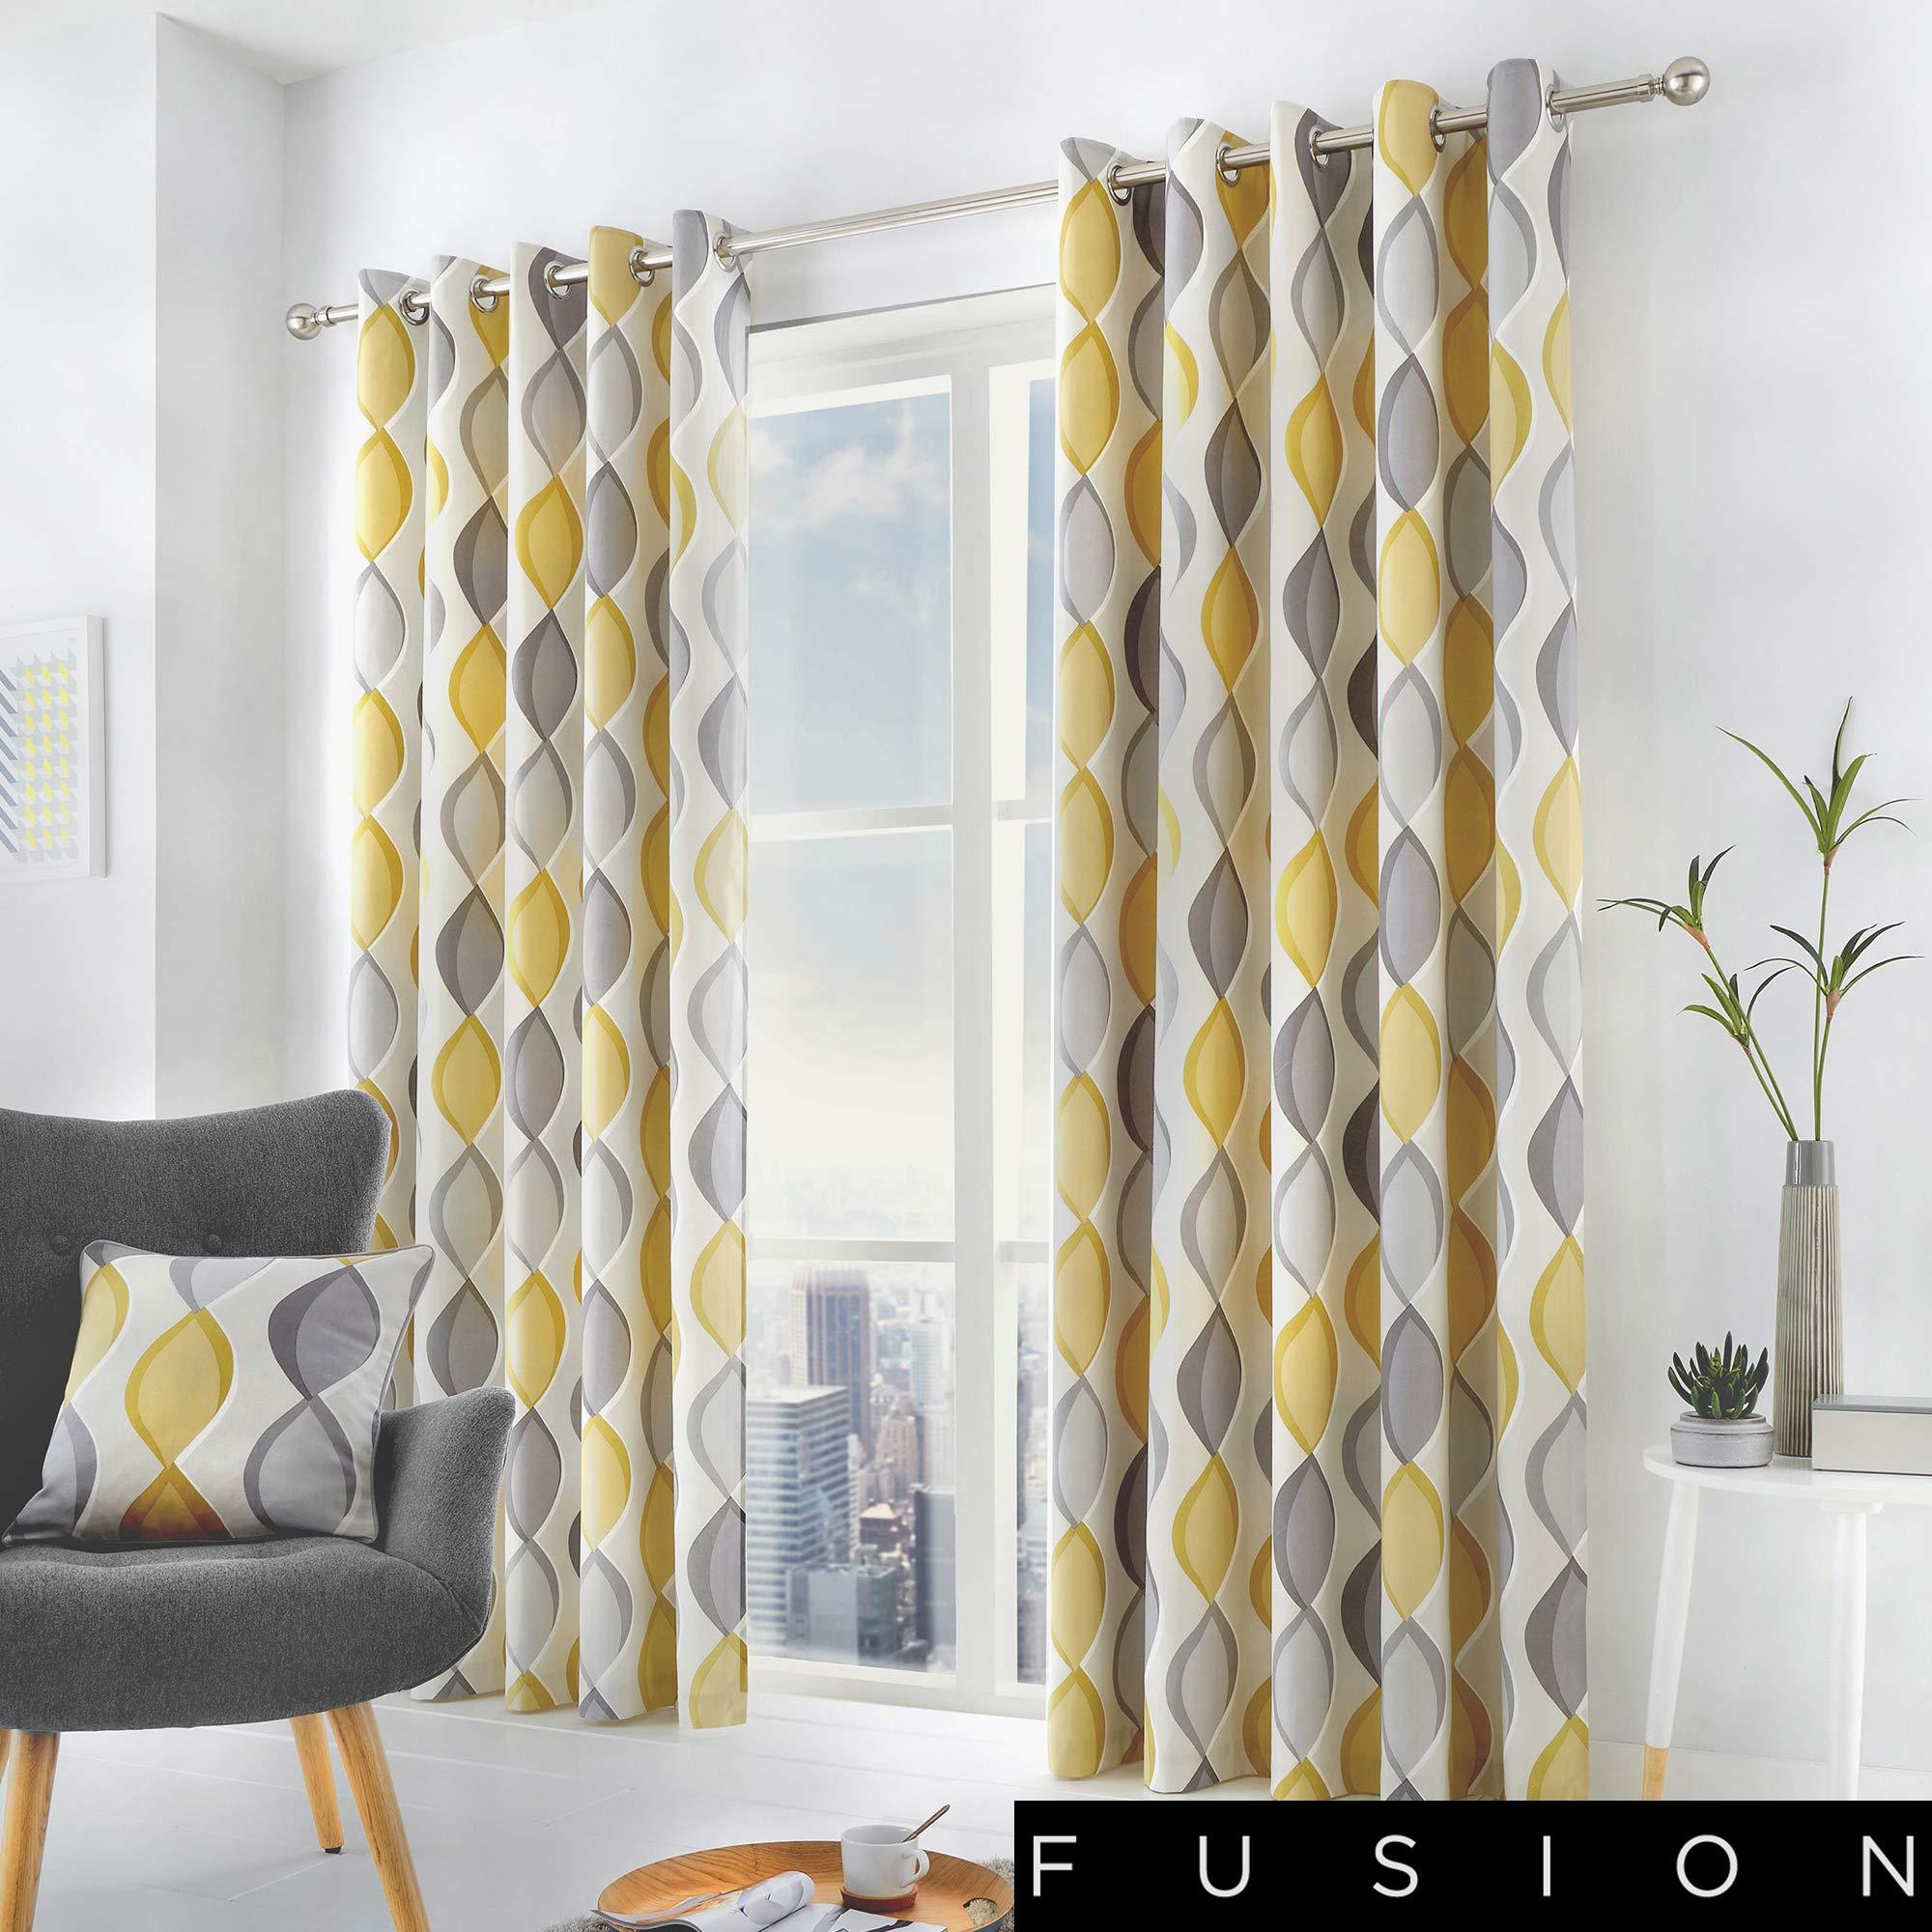 Fusion - Cojín relleno de algodón, Gris, Curtains: 66